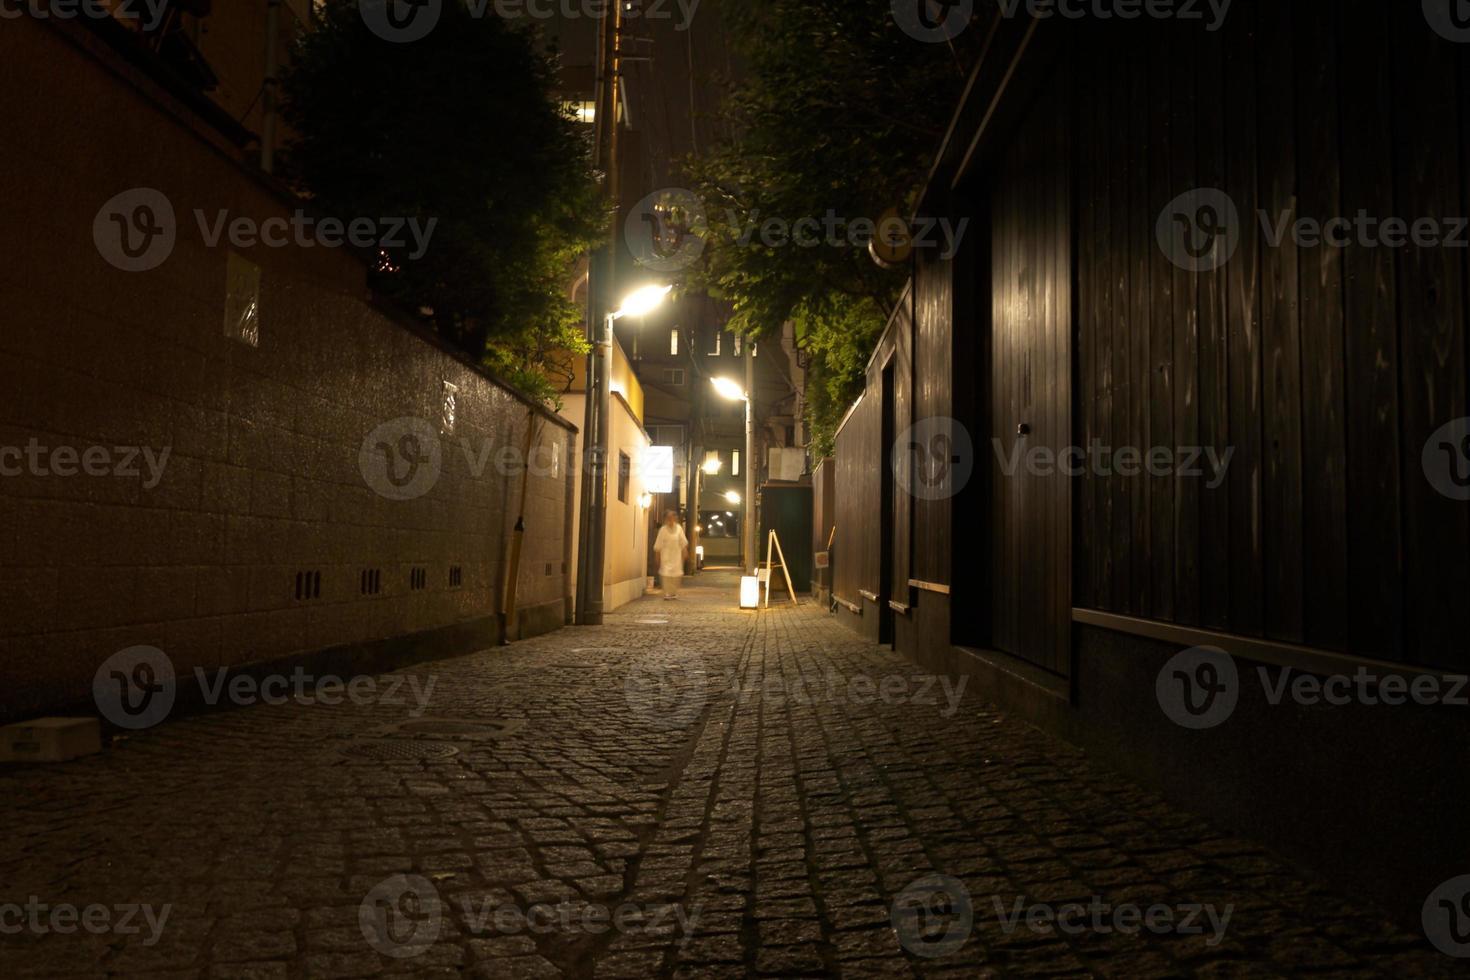 kagurazaka nachtzicht foto